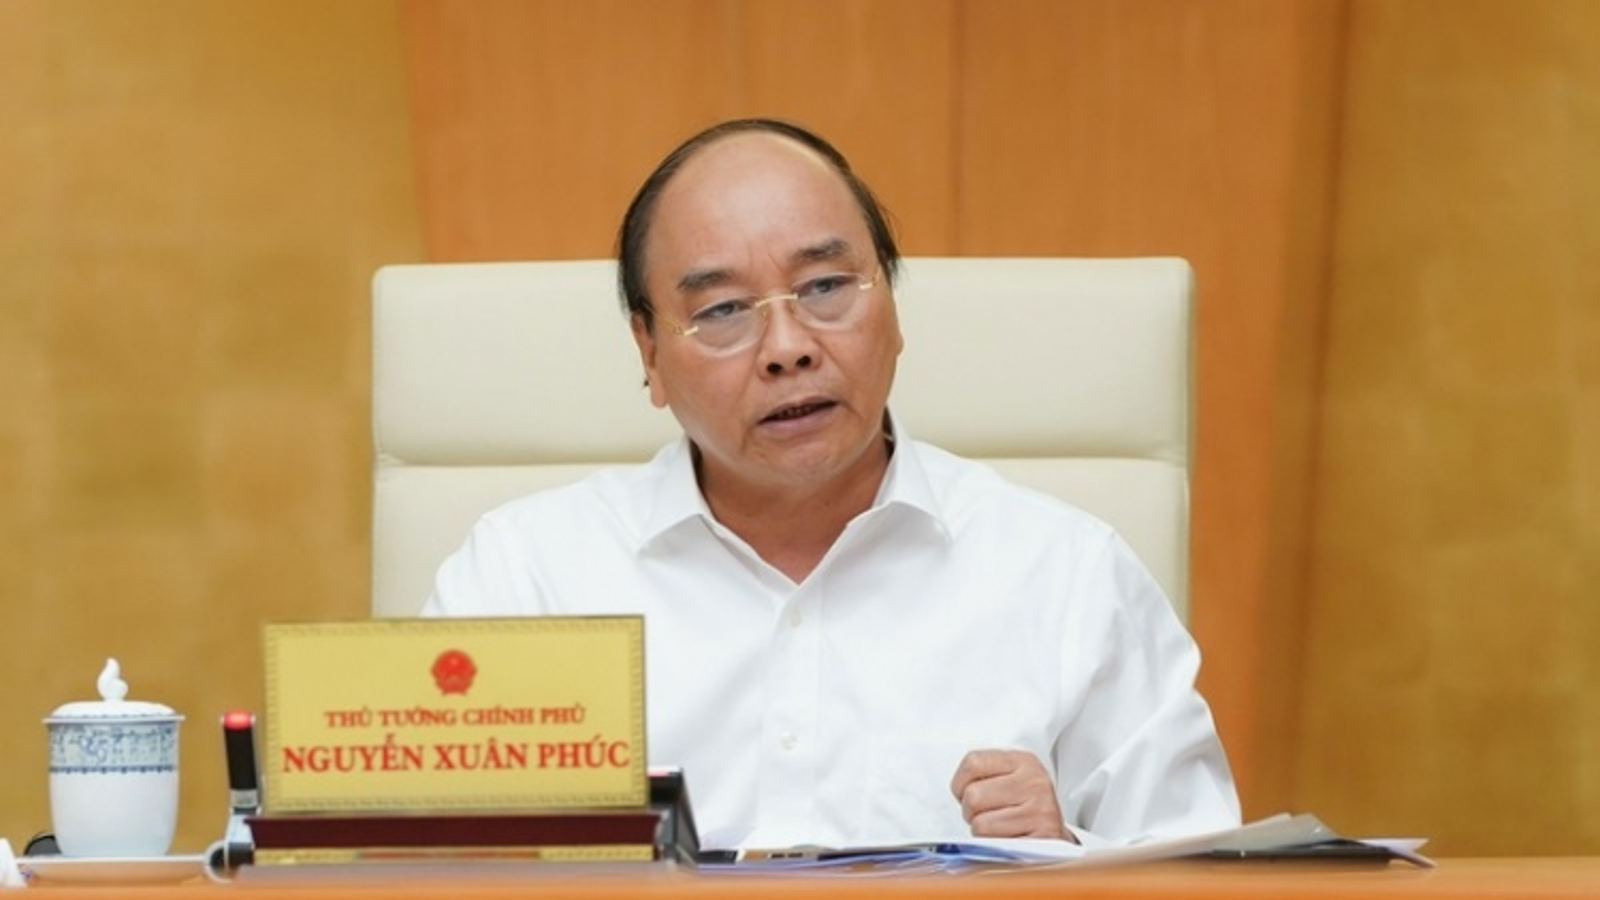 Thủ tướng nêu 3 trụ cột để Hà Nội phát triển mạnh mẽ